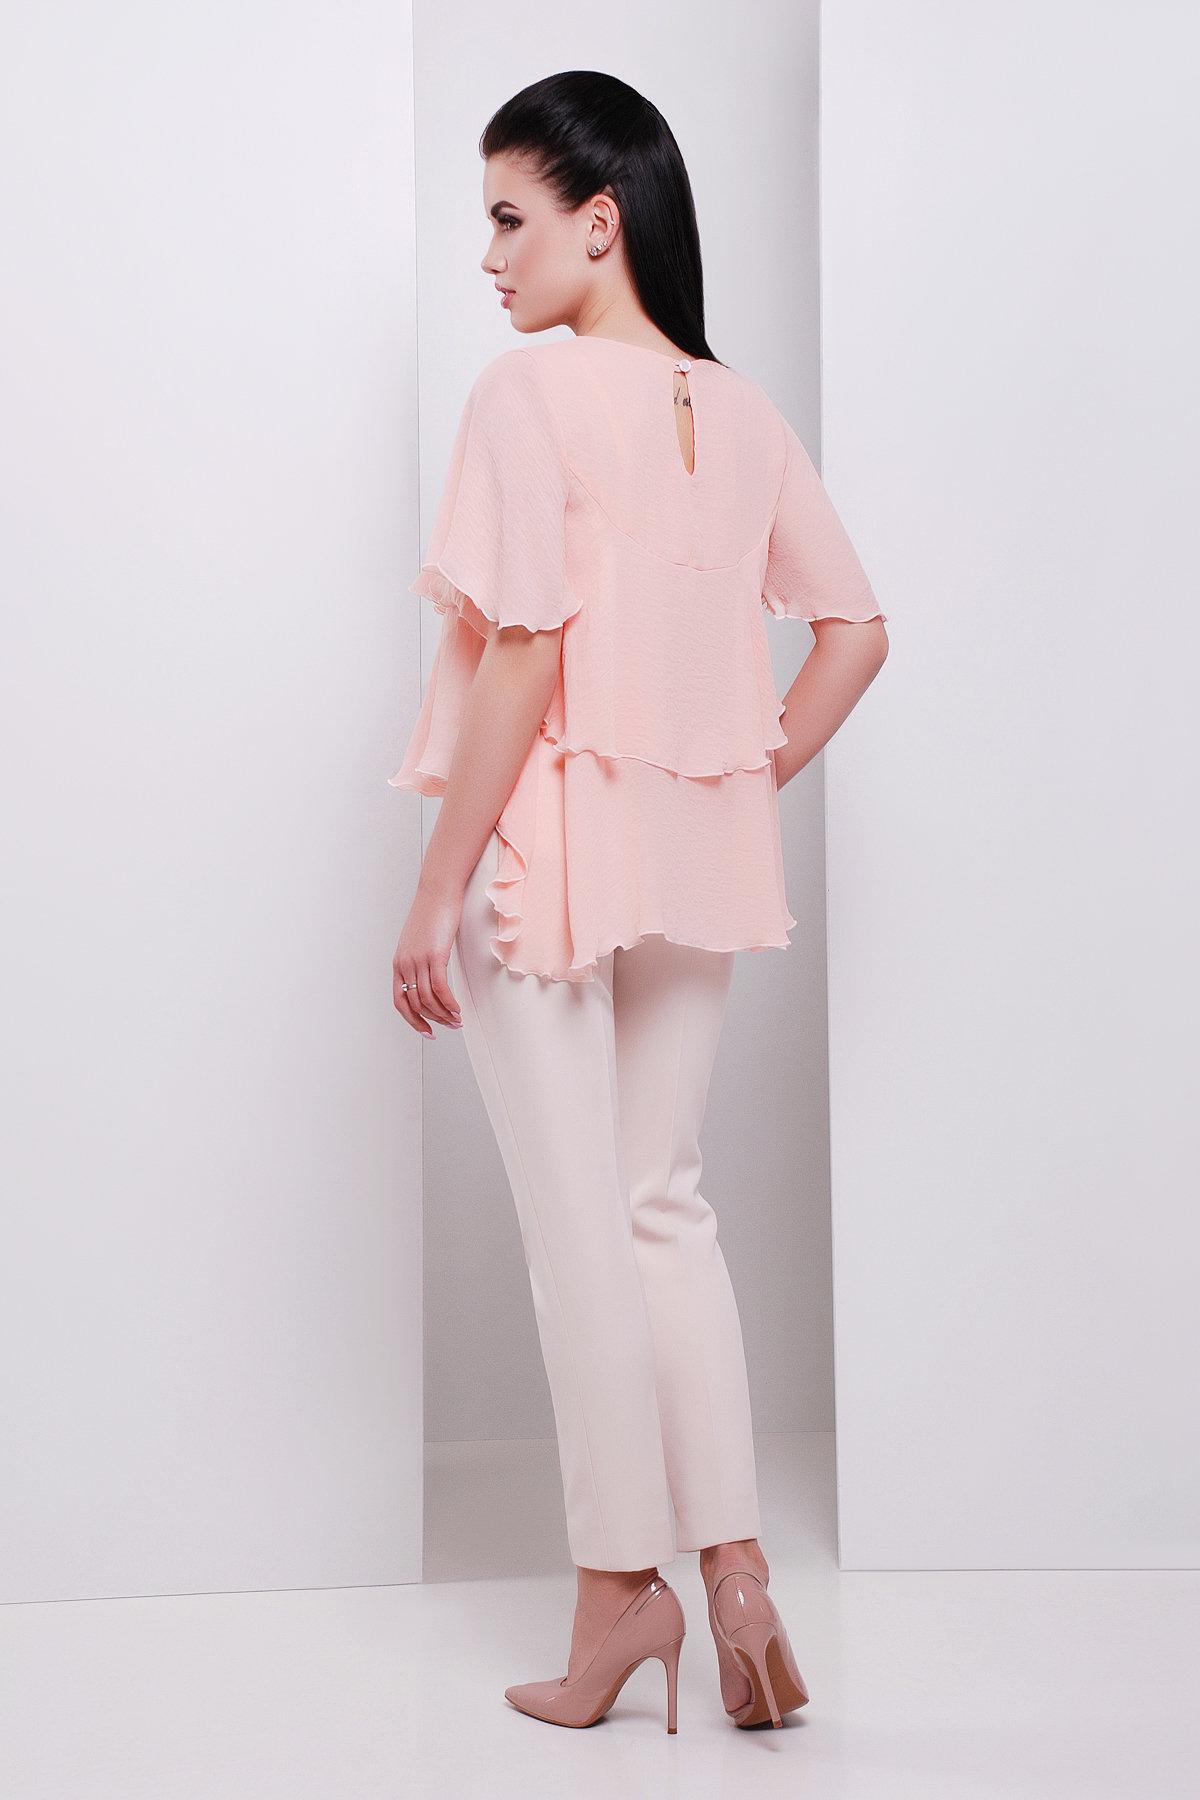 Блуза Юта 3096  АРТ. 16044 Цвет: Персик - фото 2, интернет магазин tm-modus.ru